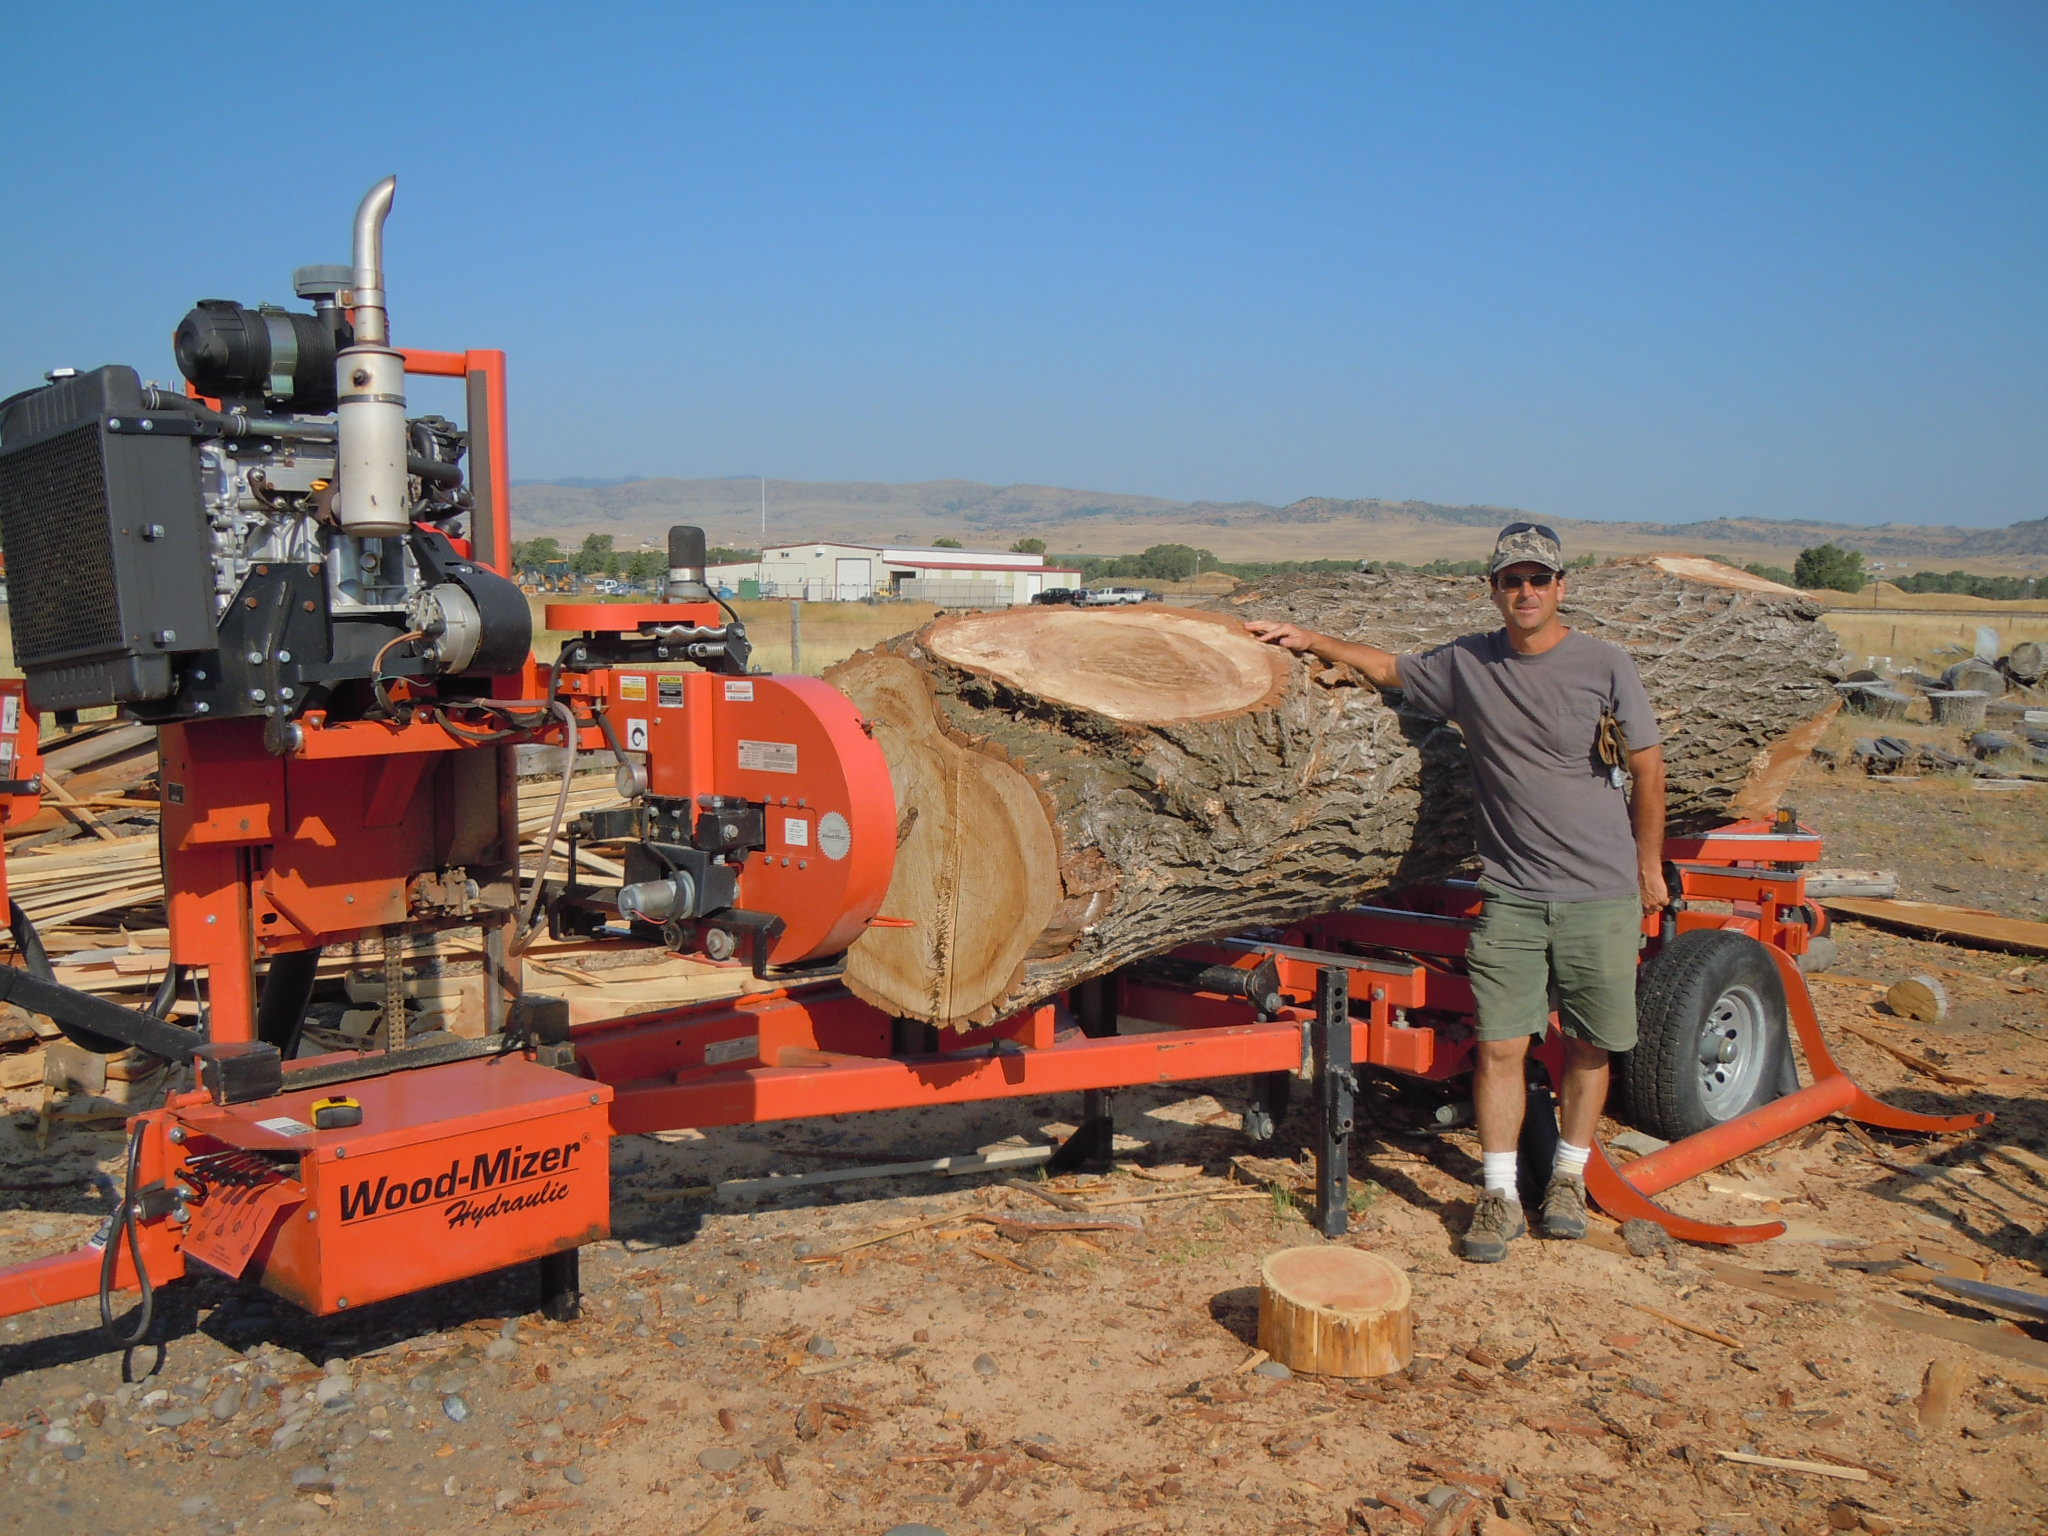 Wood-Mizer Saw Mill (www.woodmizer.com)